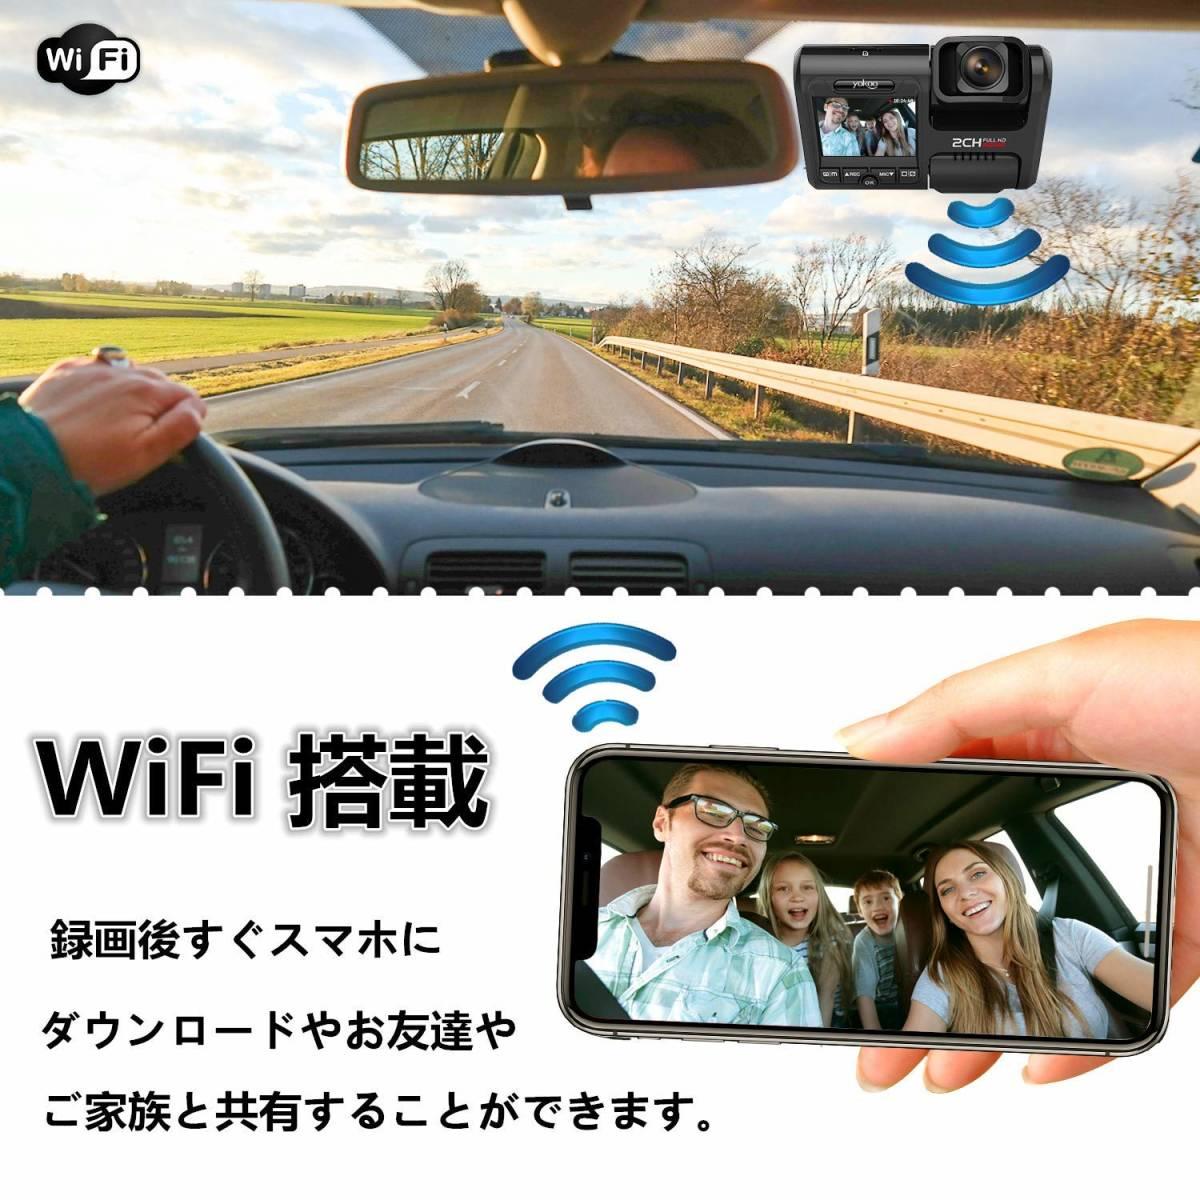 新品未使用 32Gカード付きドライブレコーダー 前後カメラ 1080PフルHD wifi搭載 内蔵GPS sonyセンサー 1200万画素 170度広角 WDR_画像4